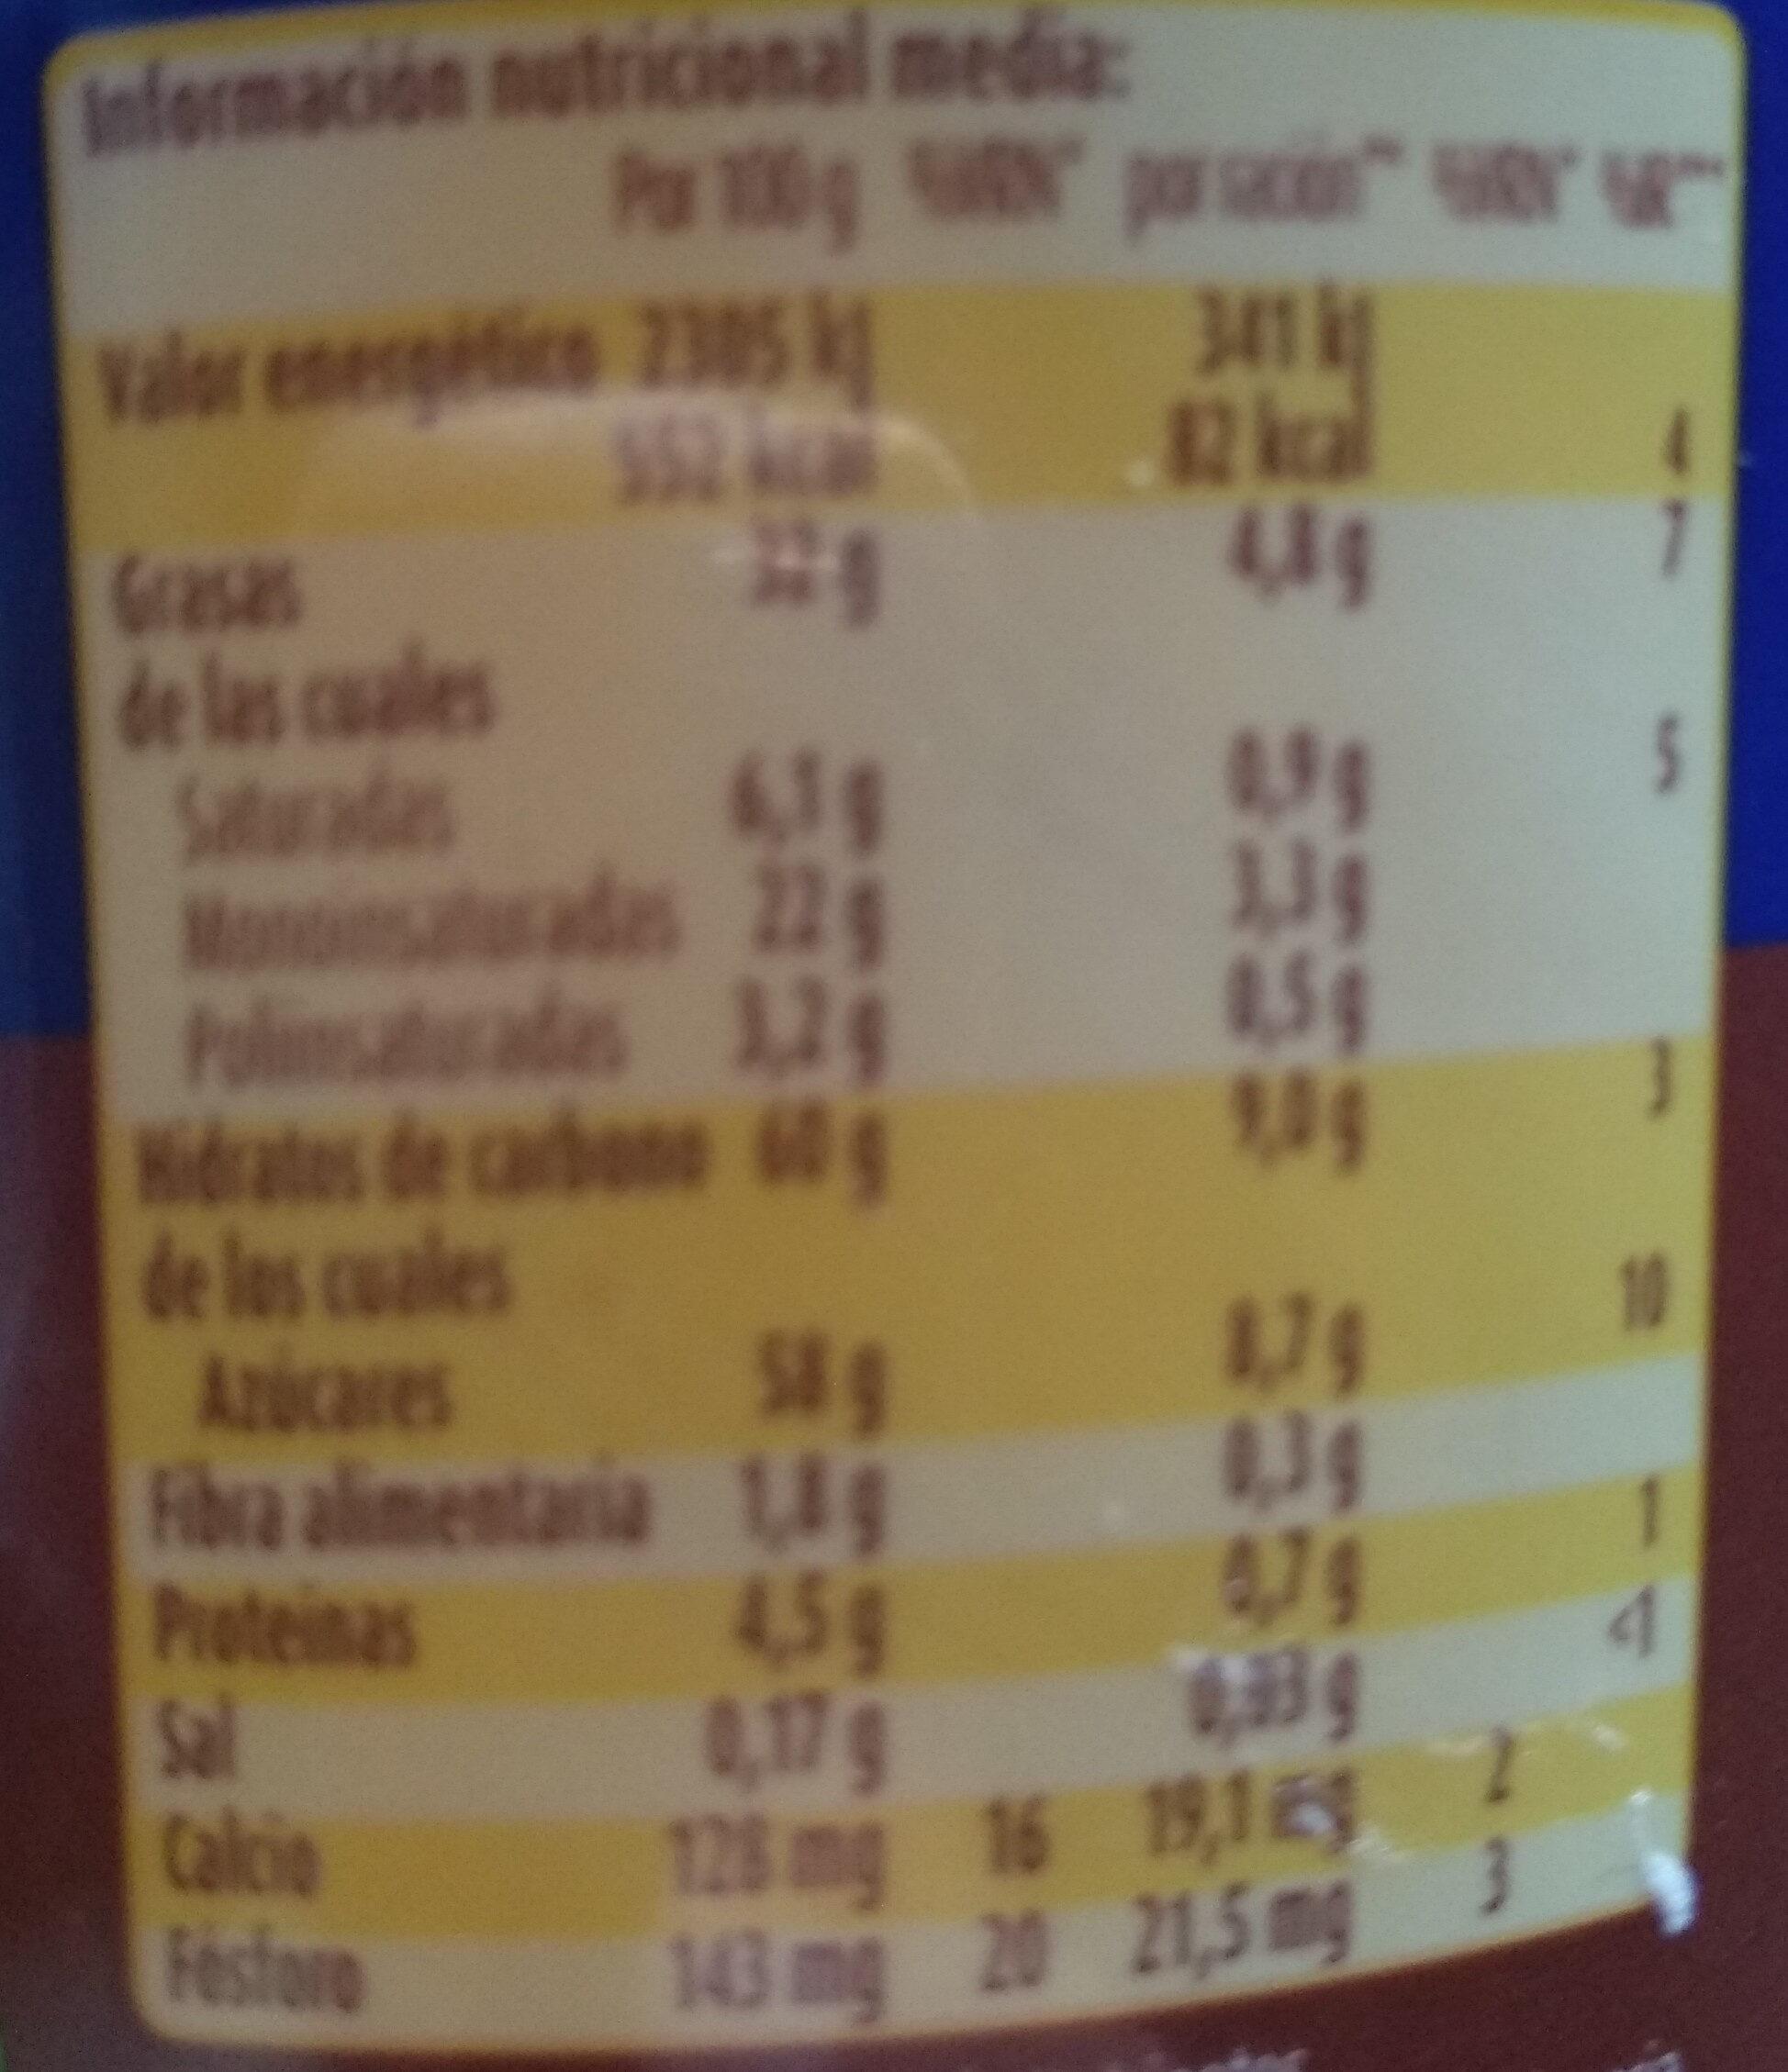 Chocoleche crema de cacao, avellanas y leche - Información nutricional - es